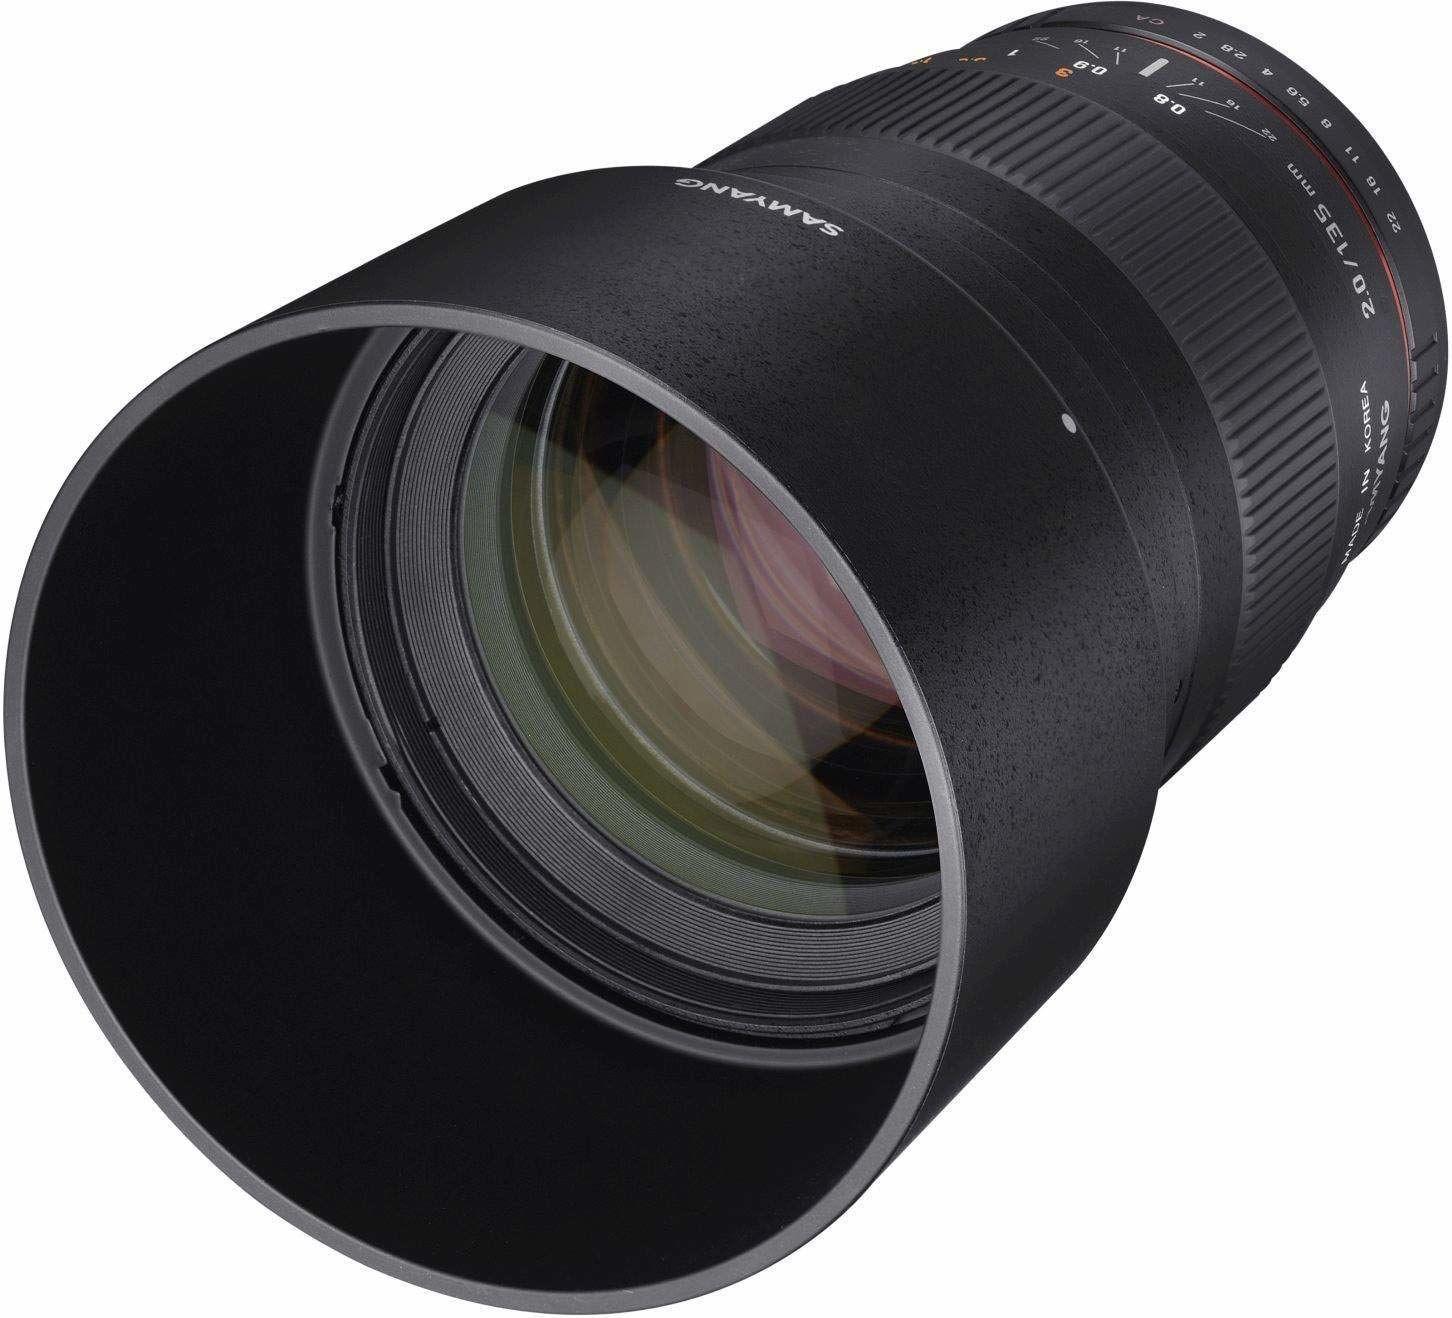 Samyang obiektyw 135 mm, F2.0, Mikro Cztery Trzecie, czarny